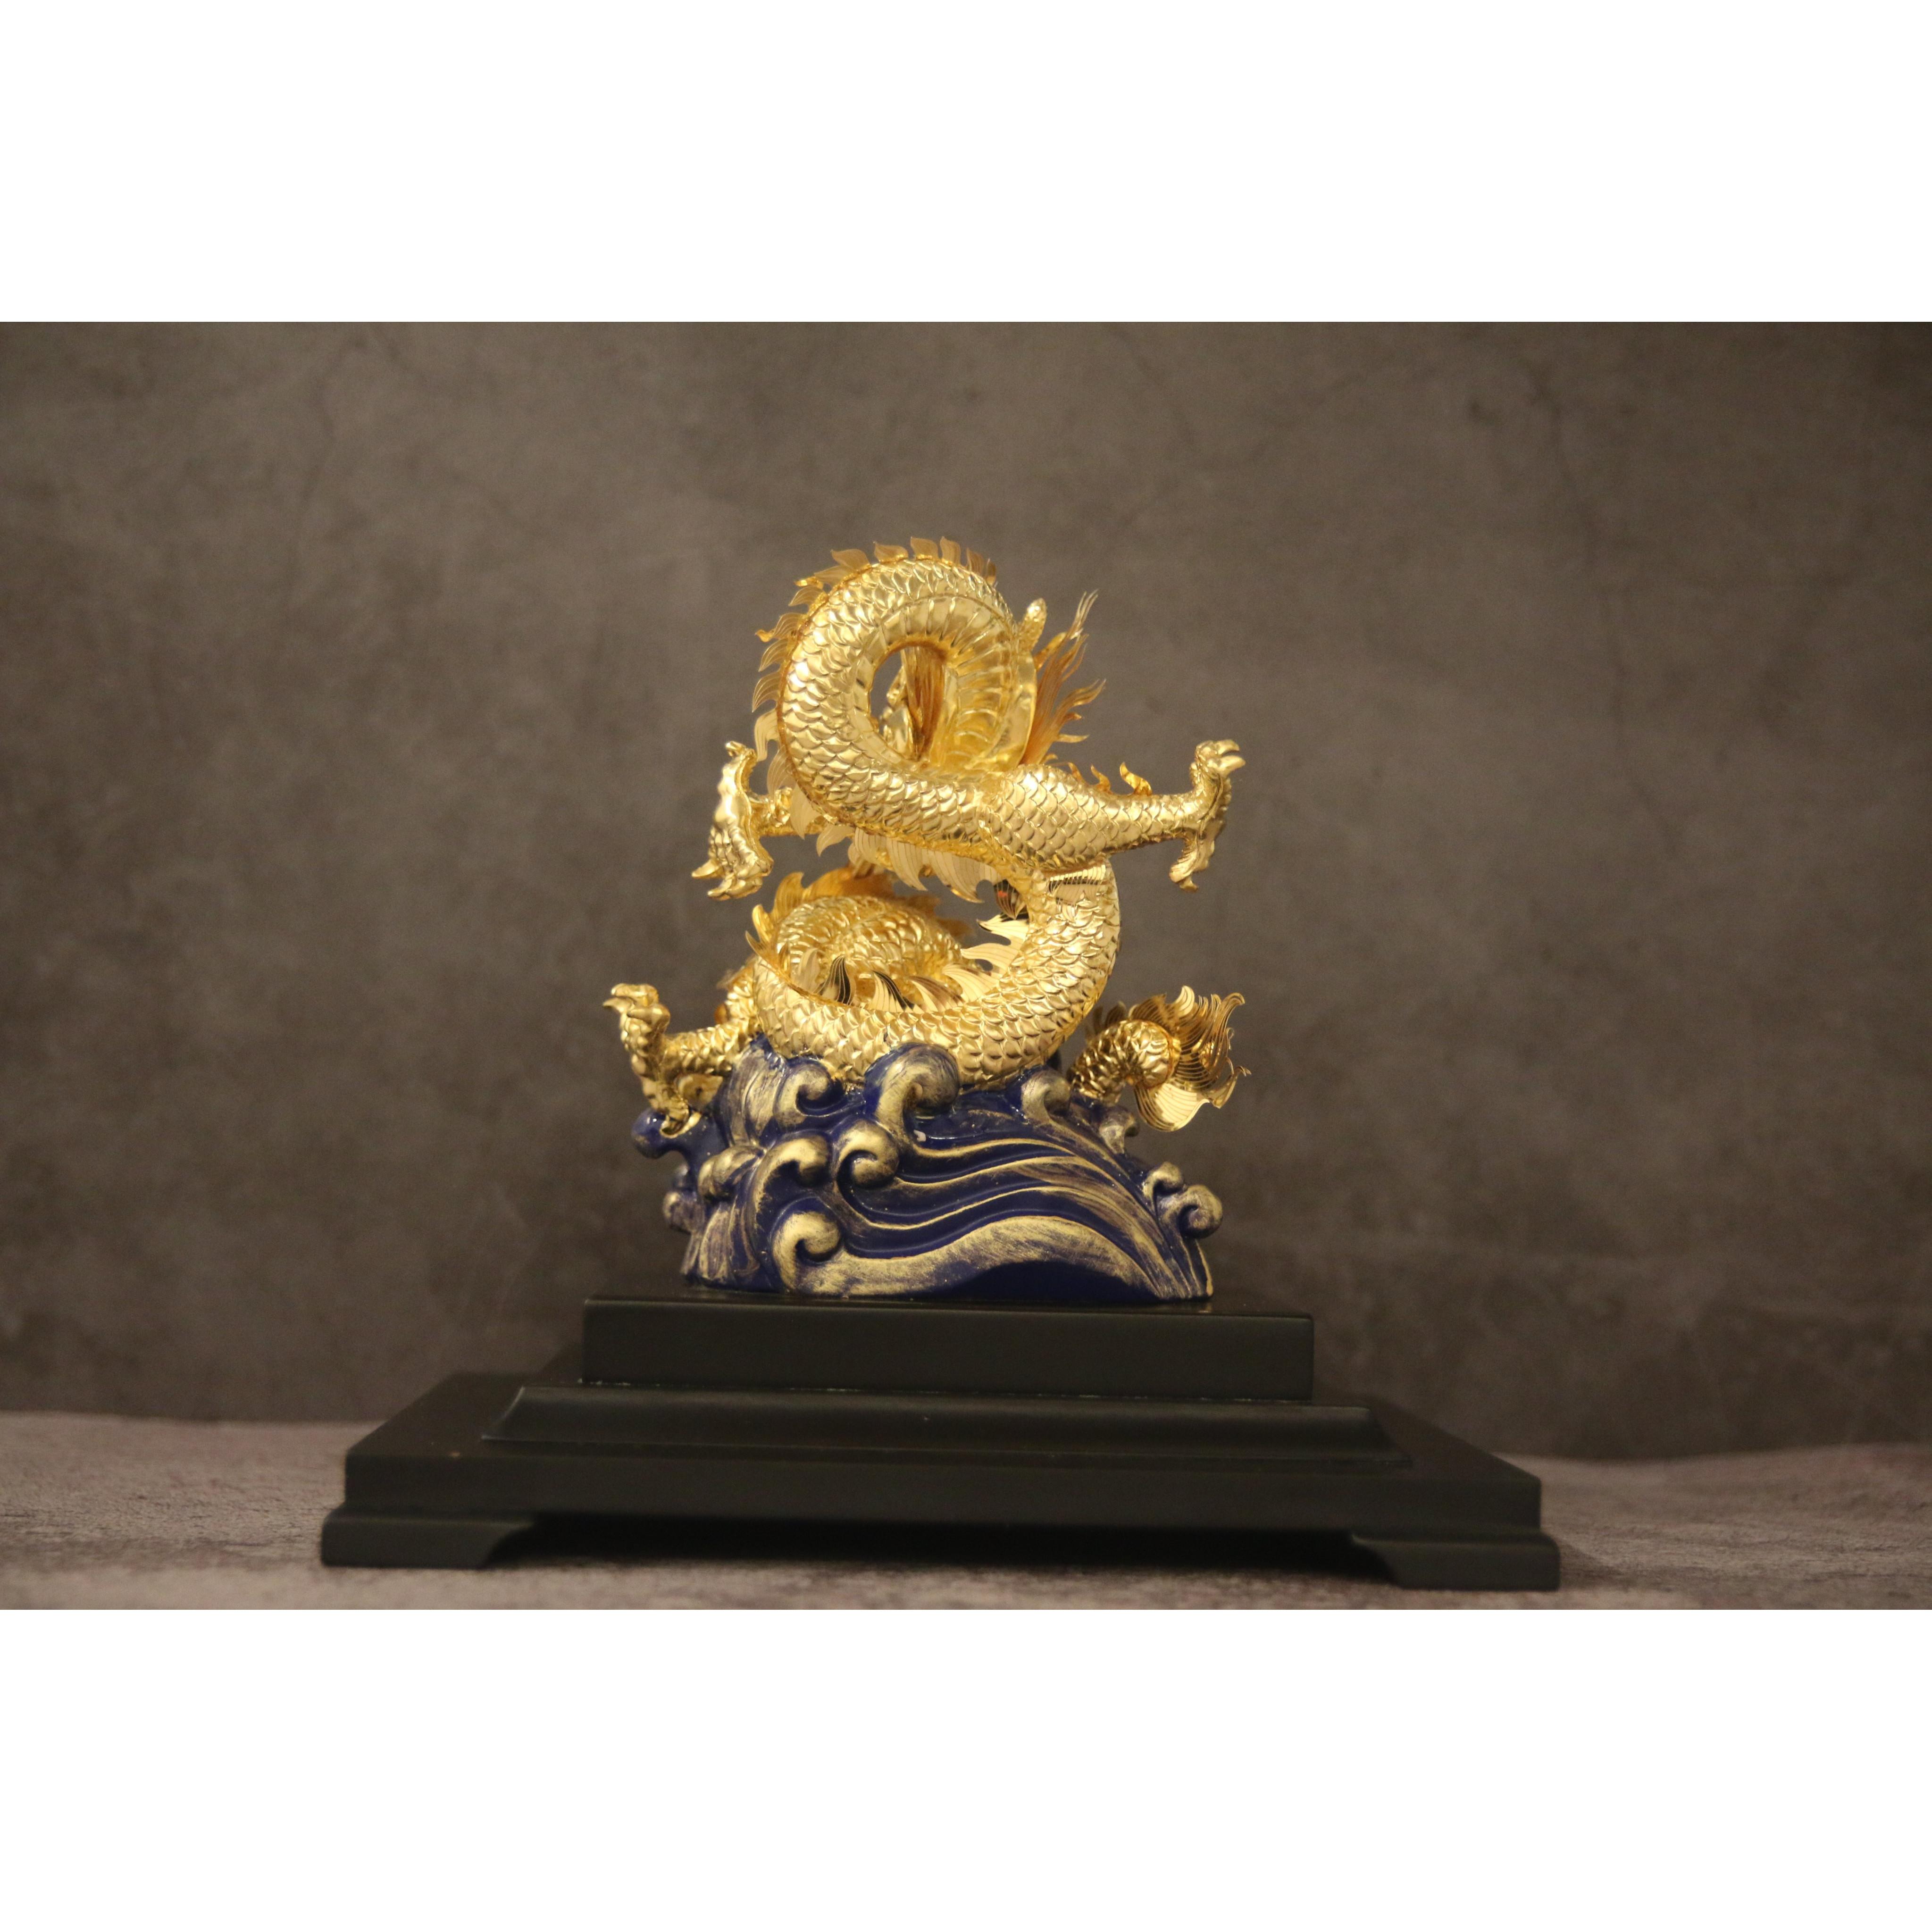 Tượng Rồng Nhả Ngọc Dát Vàng 24k - Quà tặng vàng ý nghĩa